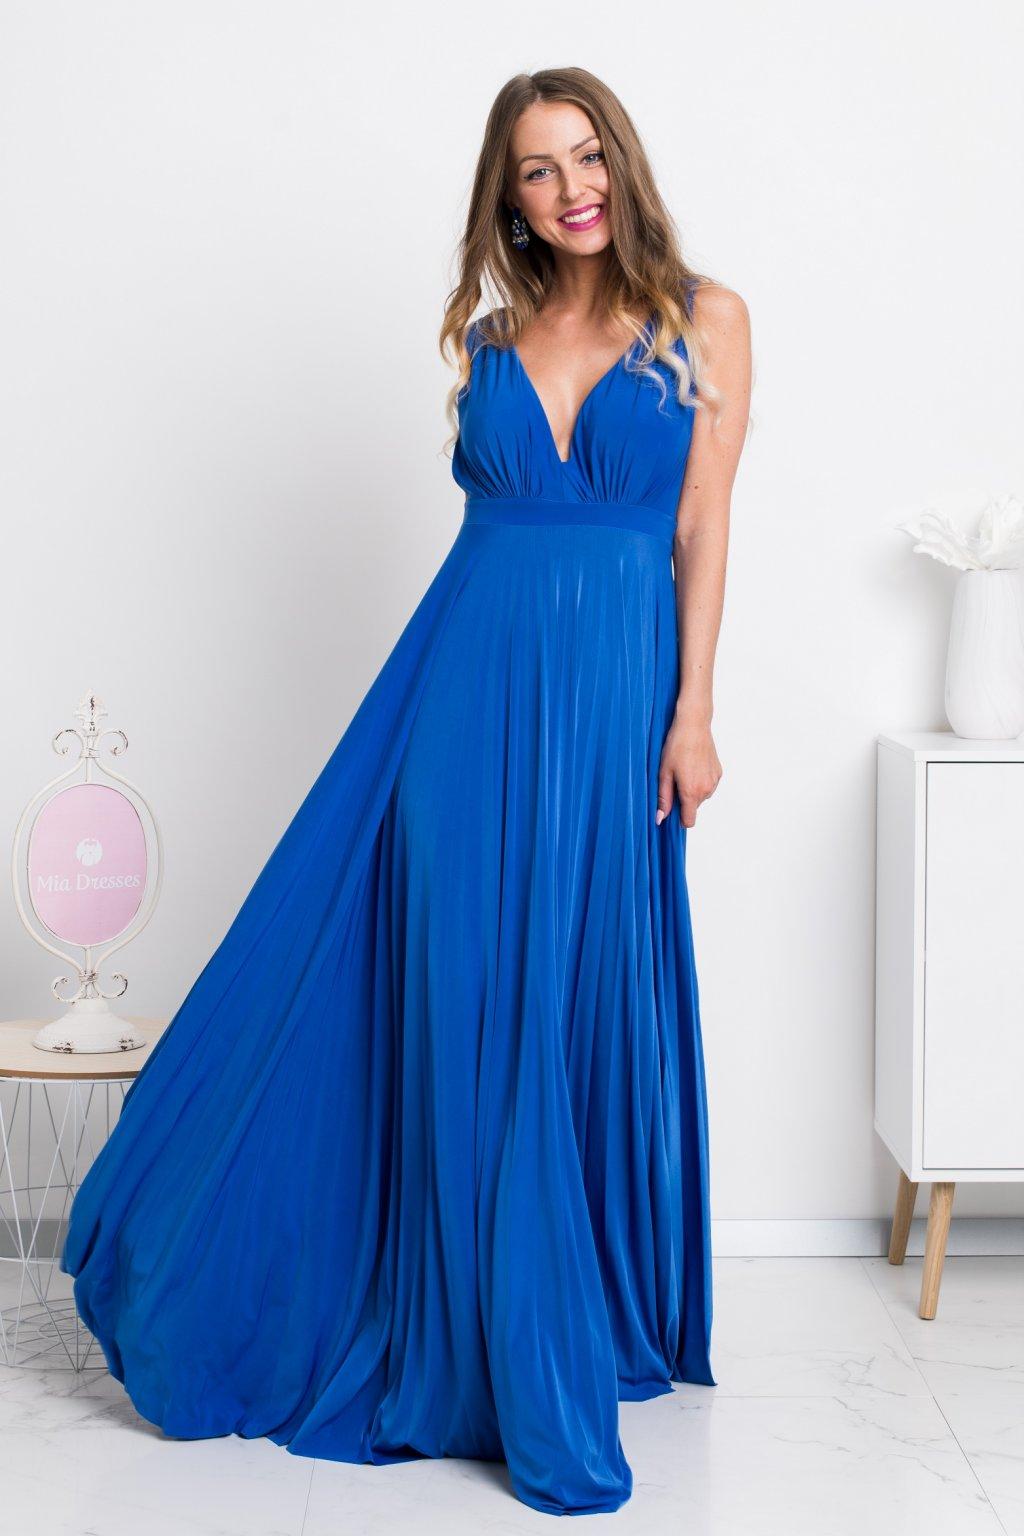 Bordové spoločenské šaty s plisovanou sukňou - Mia Dresses 552e898fa91